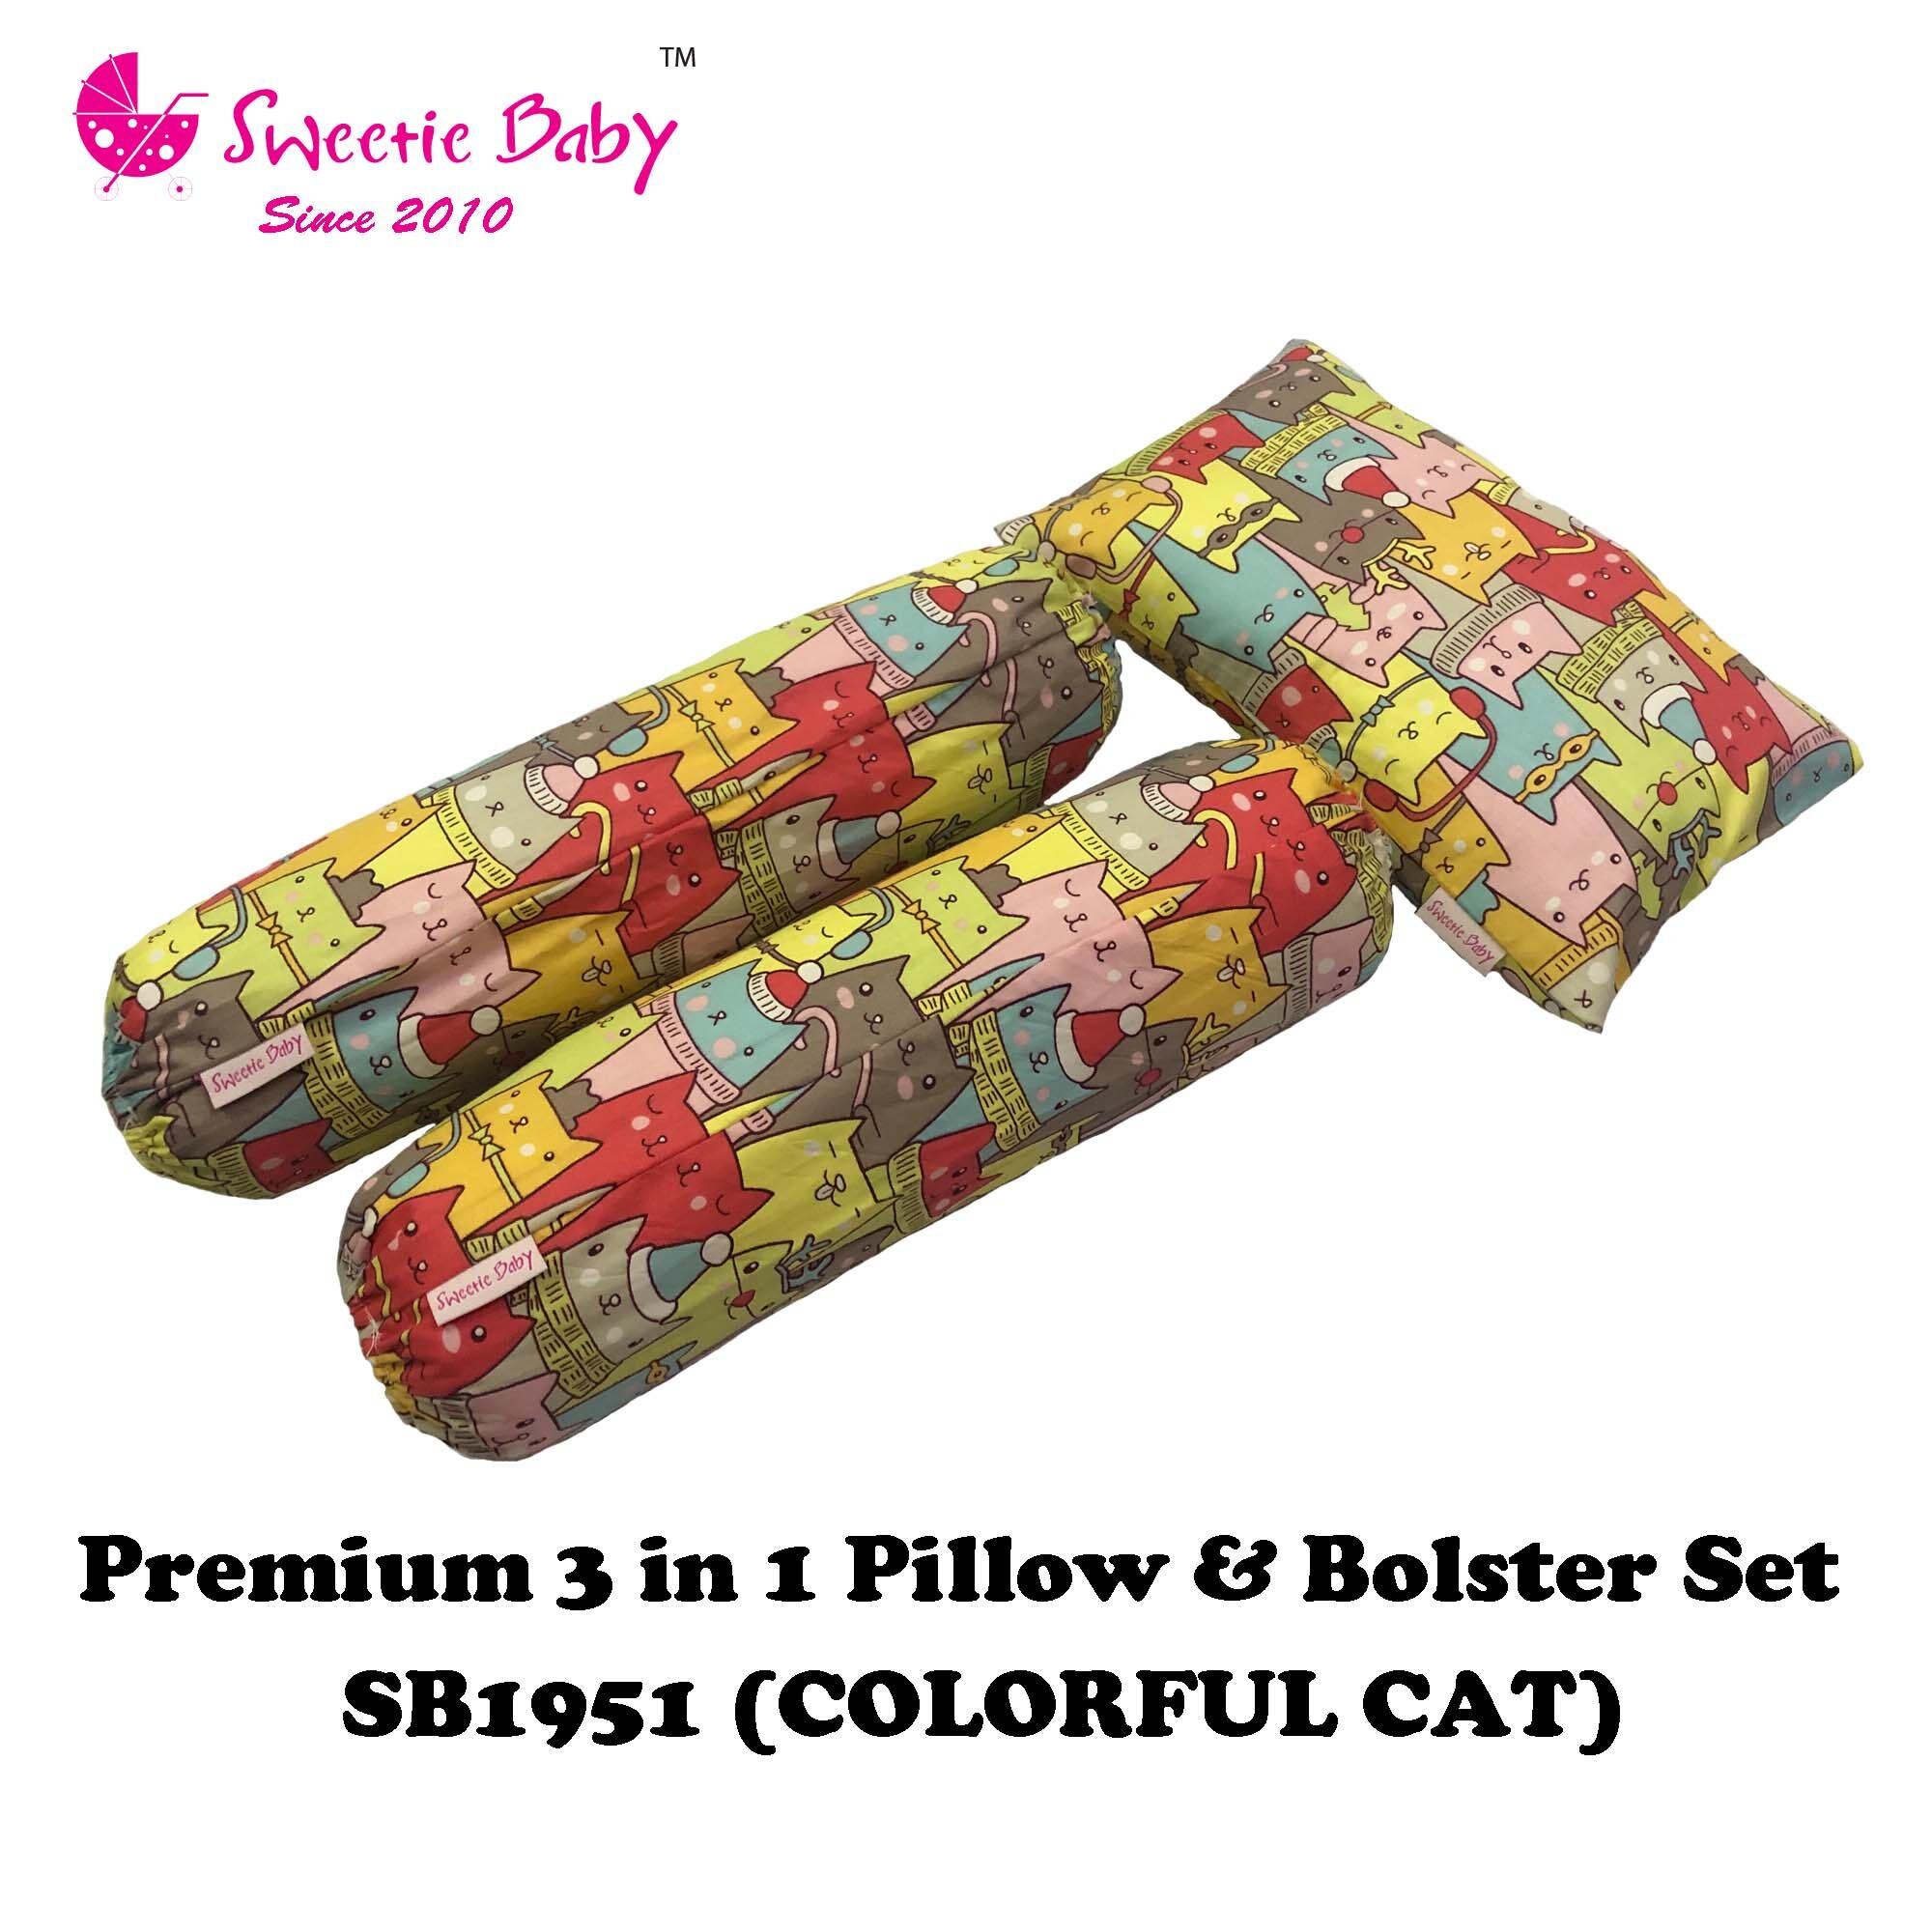 Sweetie Baby Premium 3in1 Pillow & Bolster Set